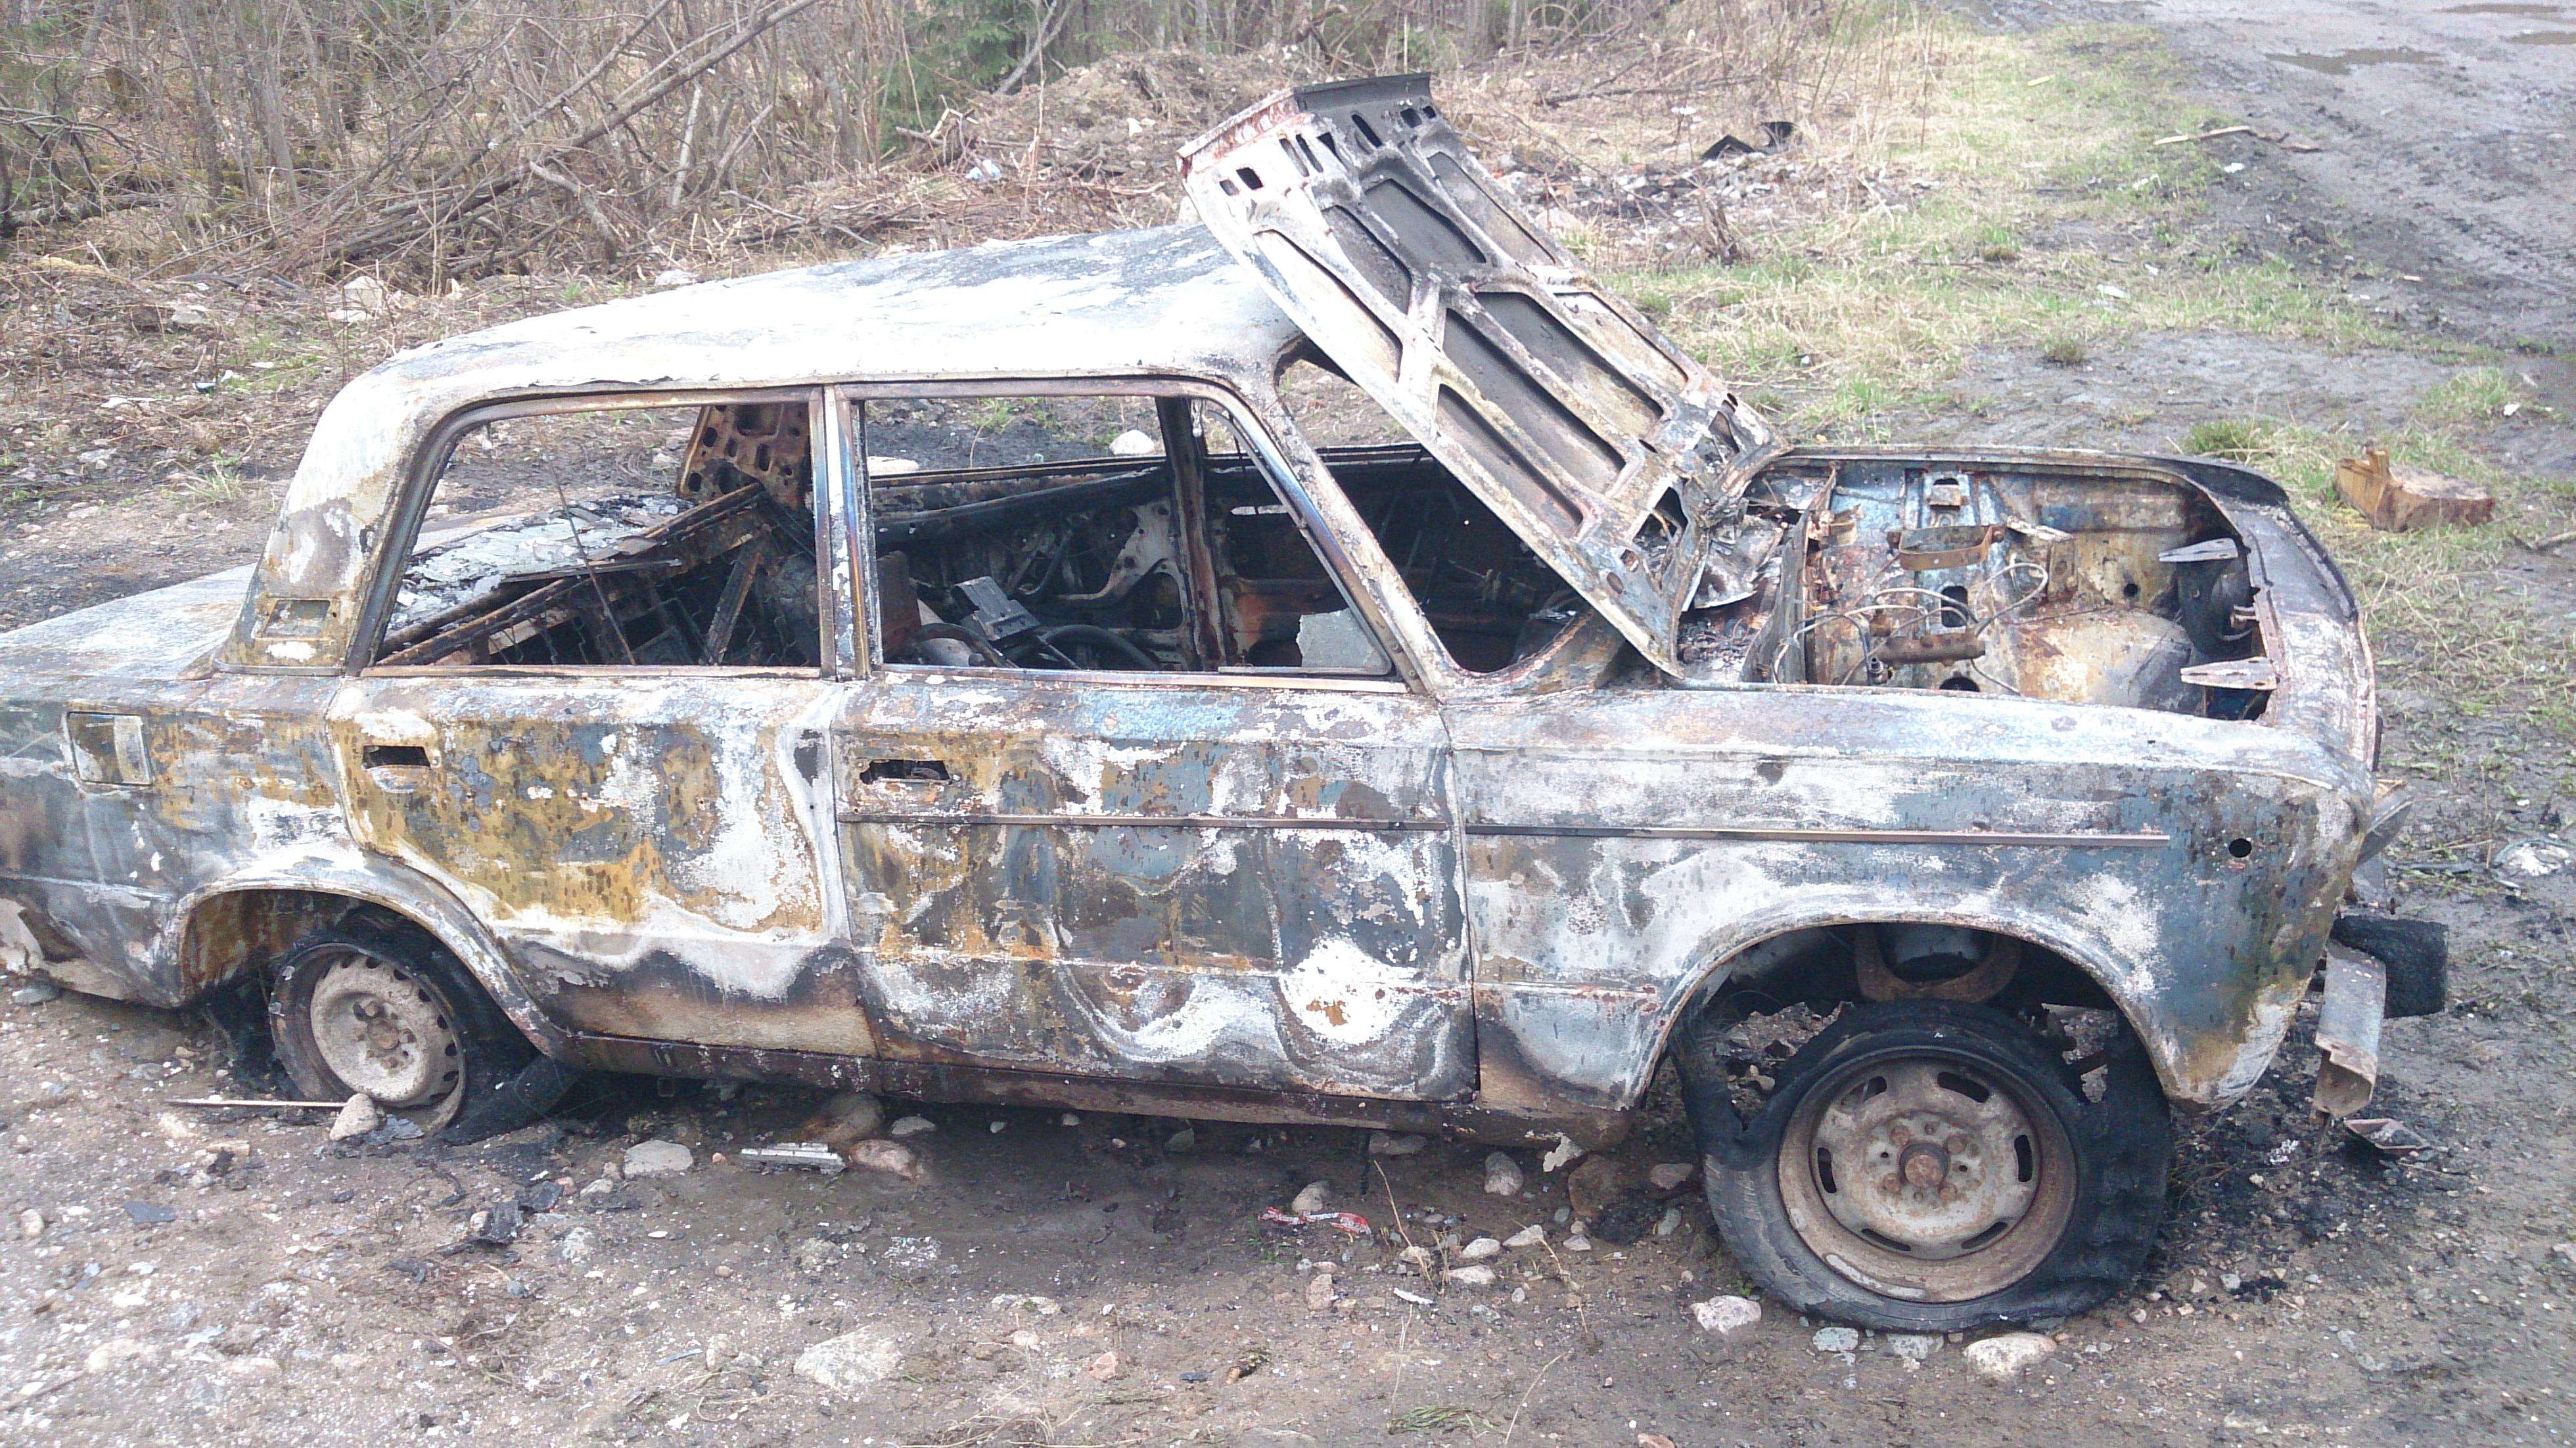 ВКрасноярске угонщик сжёг похищенную машину изстраха быть пойманным